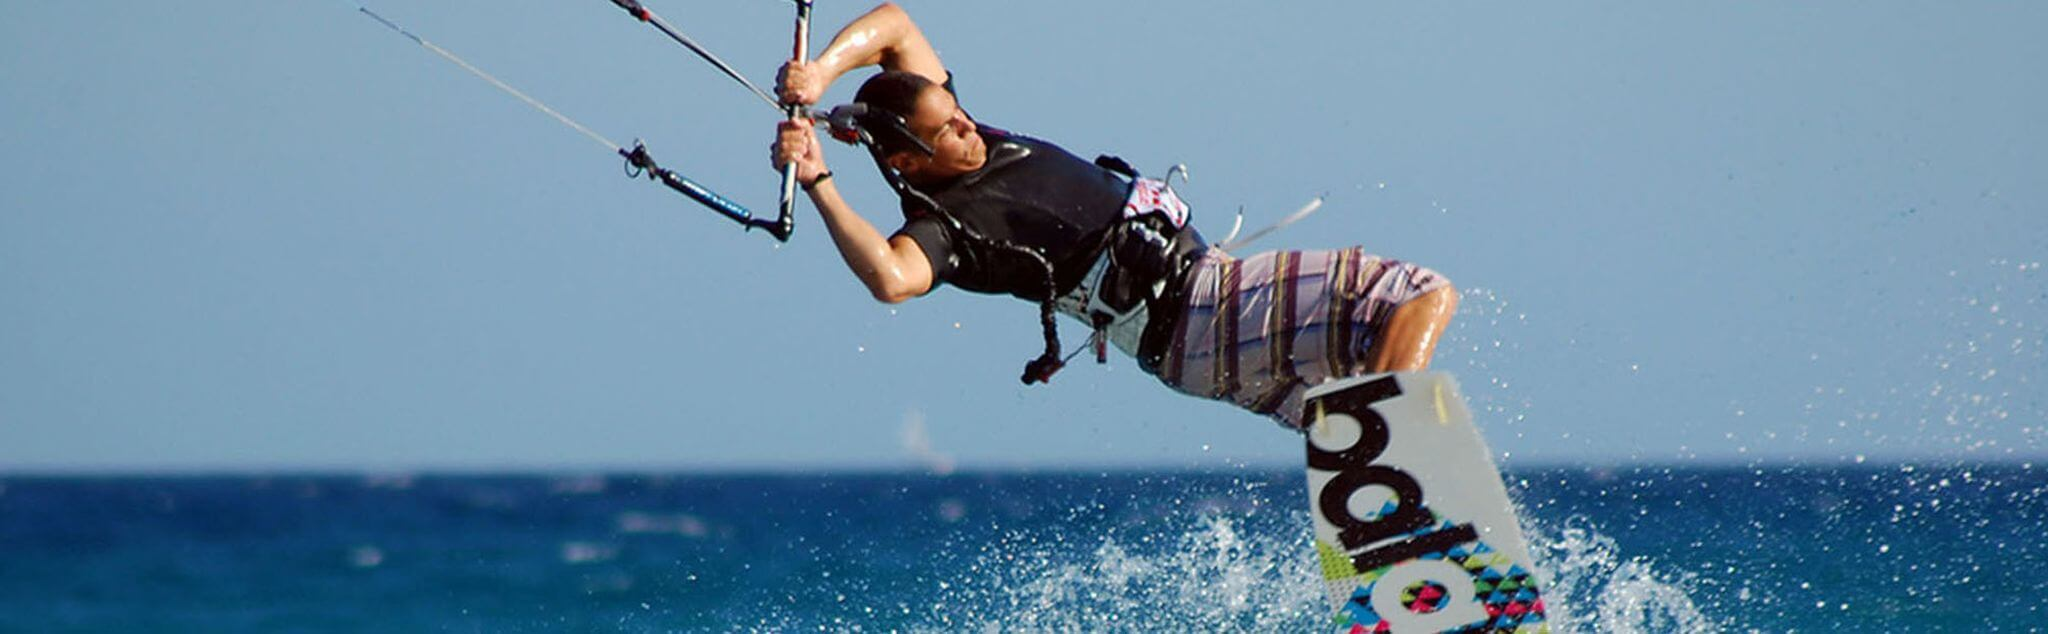 Kitesurf dans La Ciotat